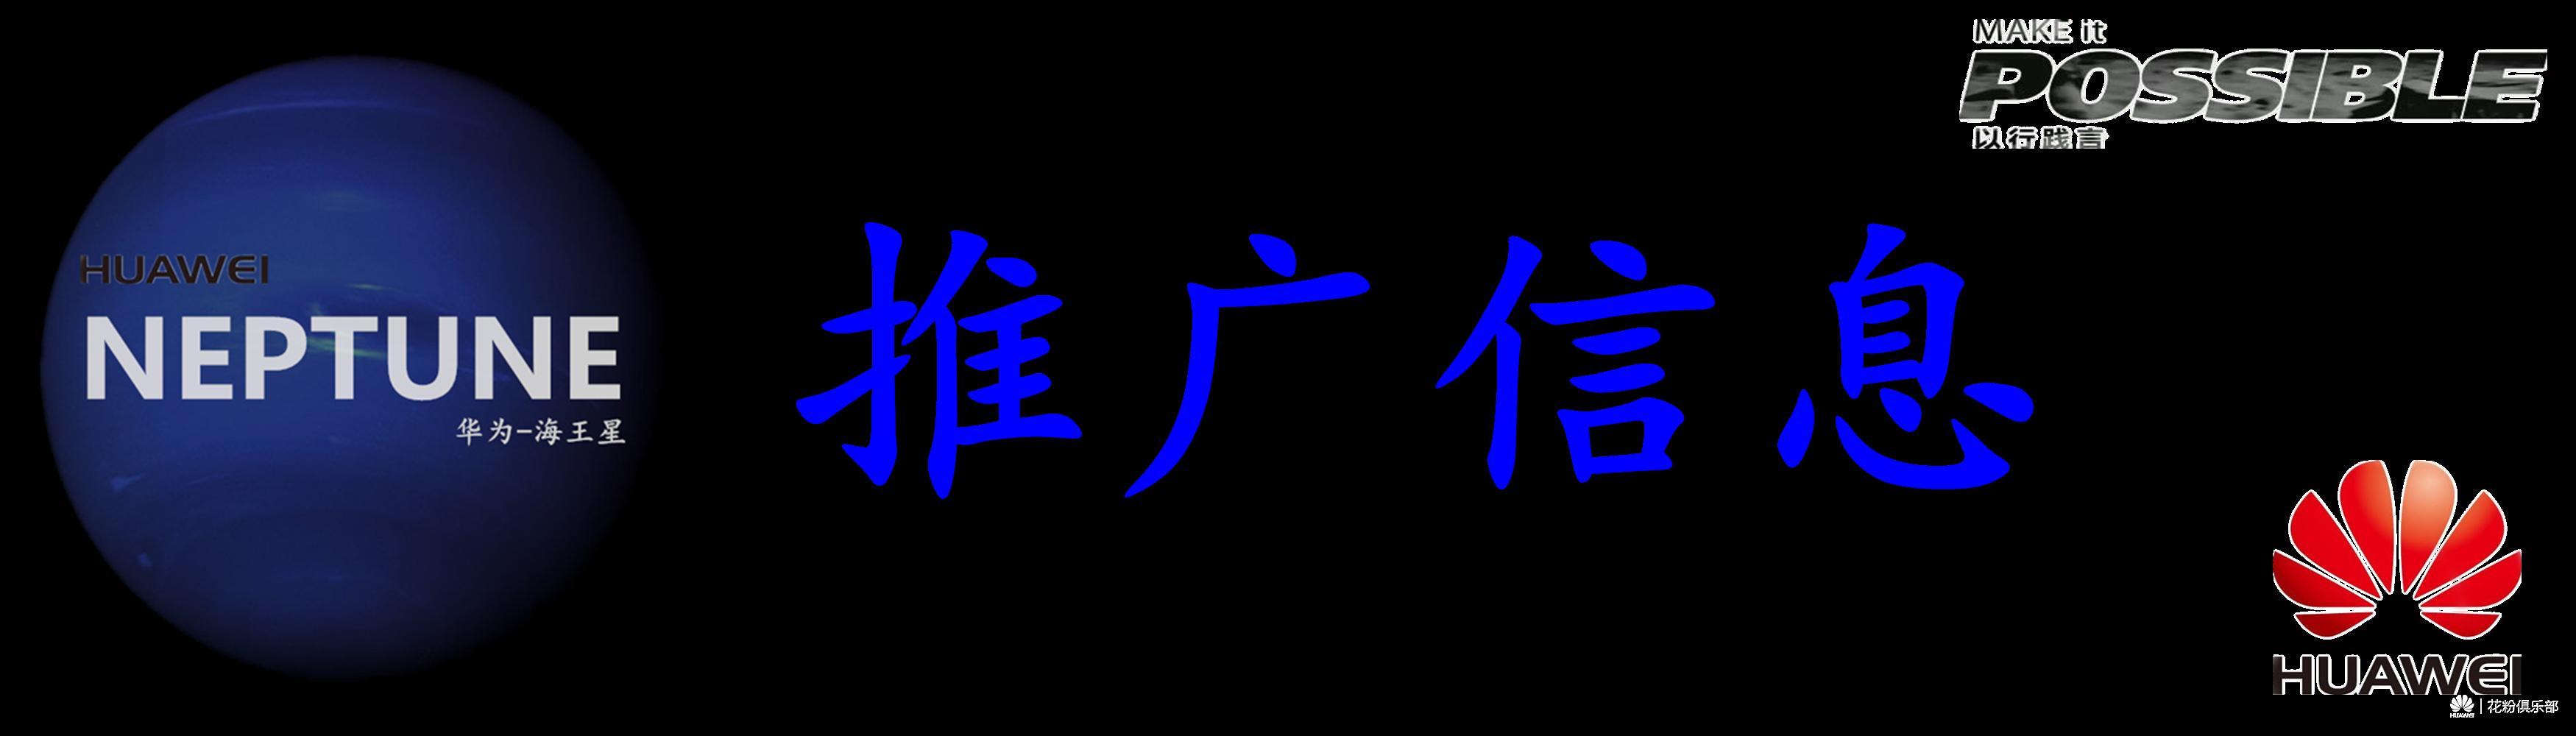 推广信息.png